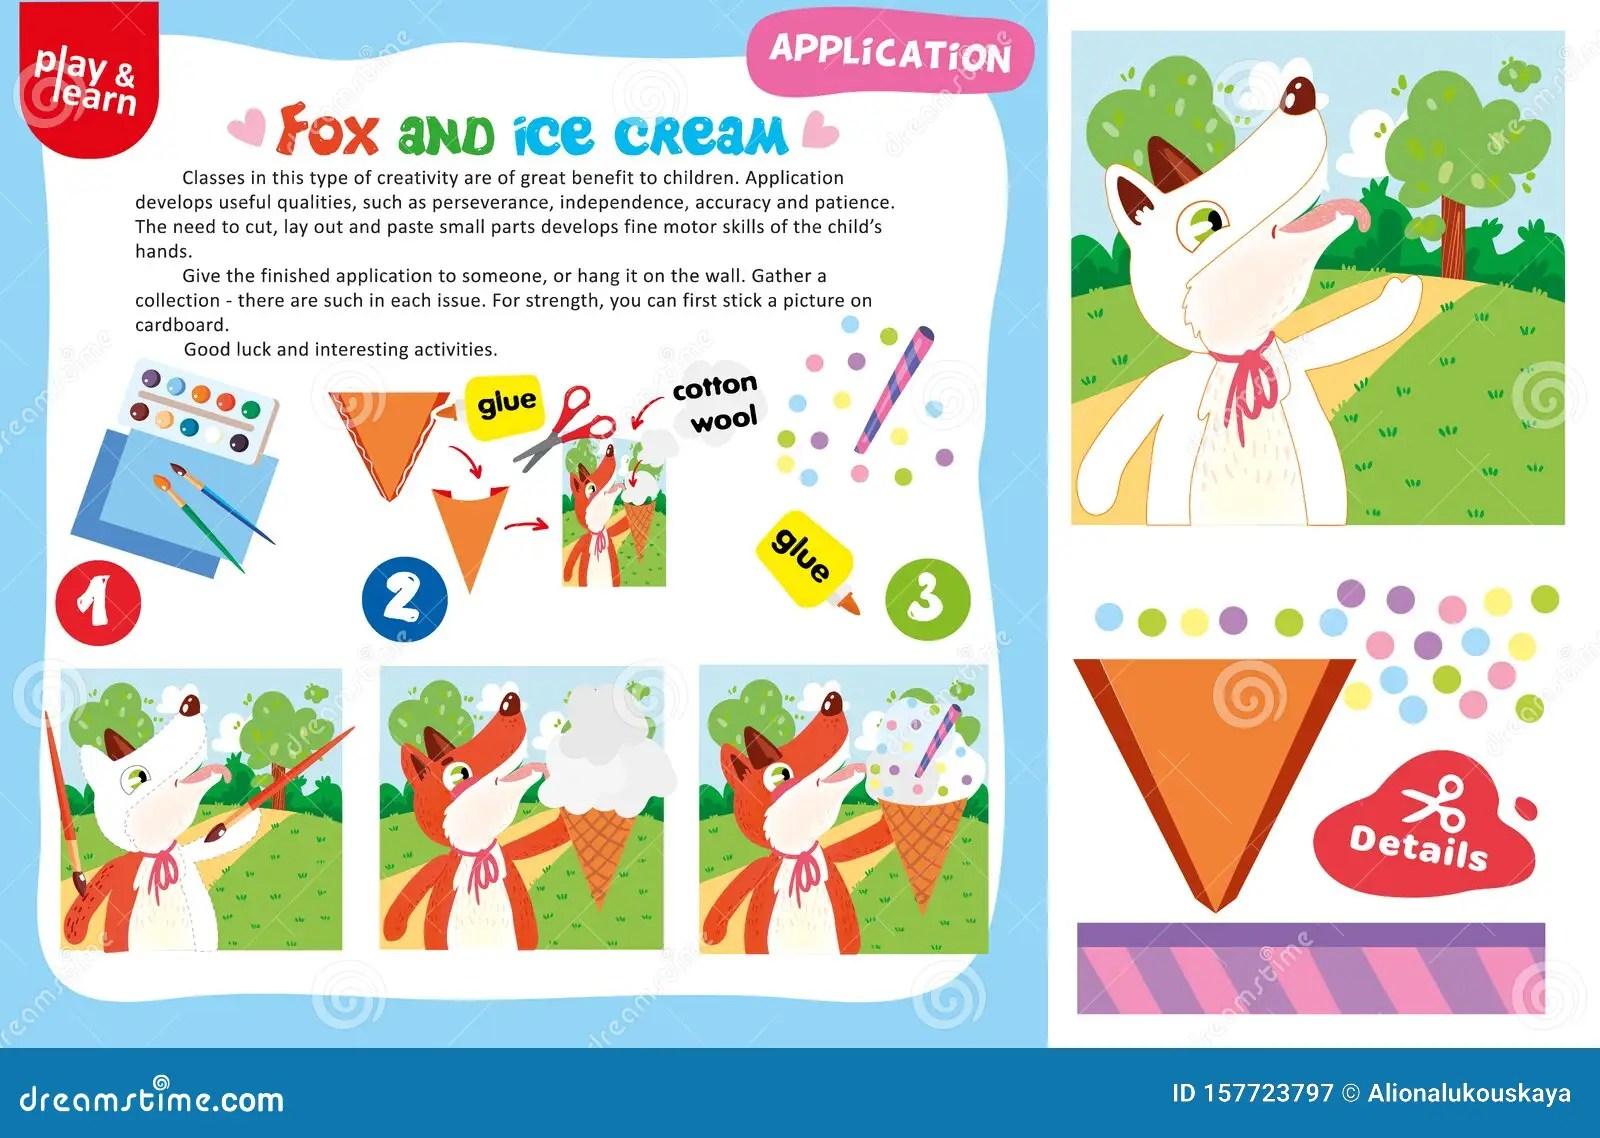 Worksheet Application Fox Und Ice Creme Vektor Abbildung